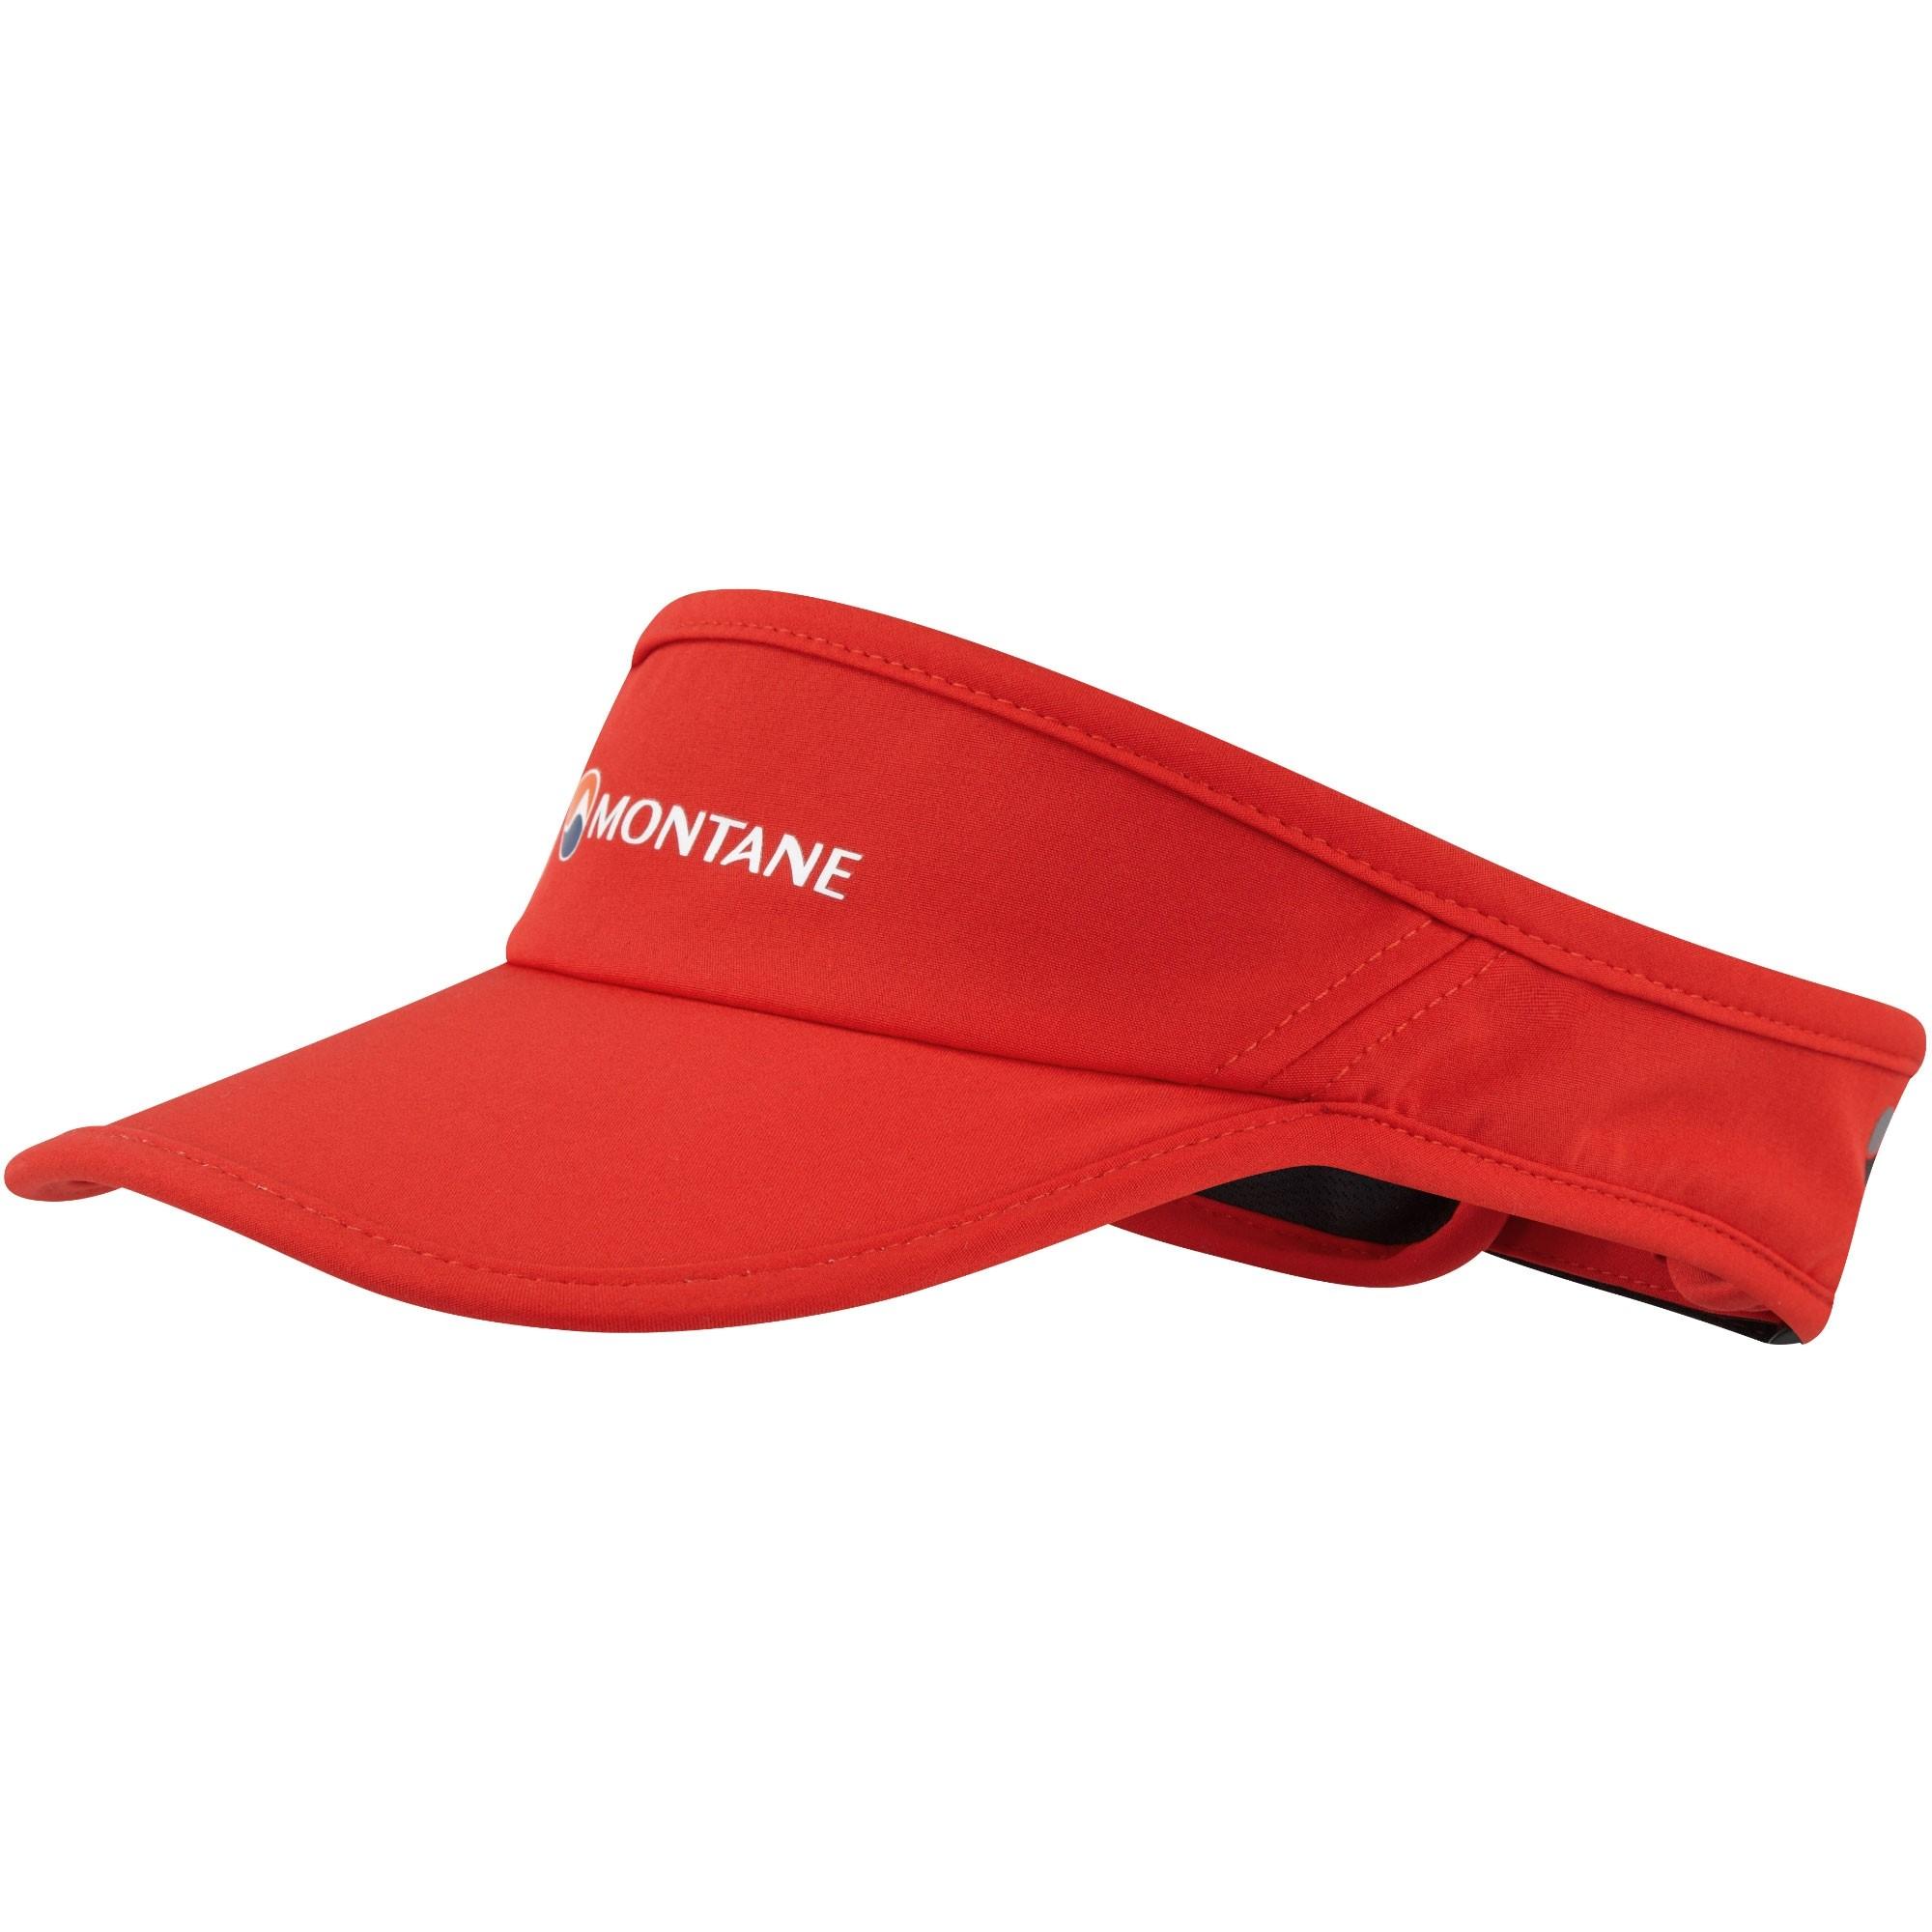 Montane VIA Visor - Flag Red